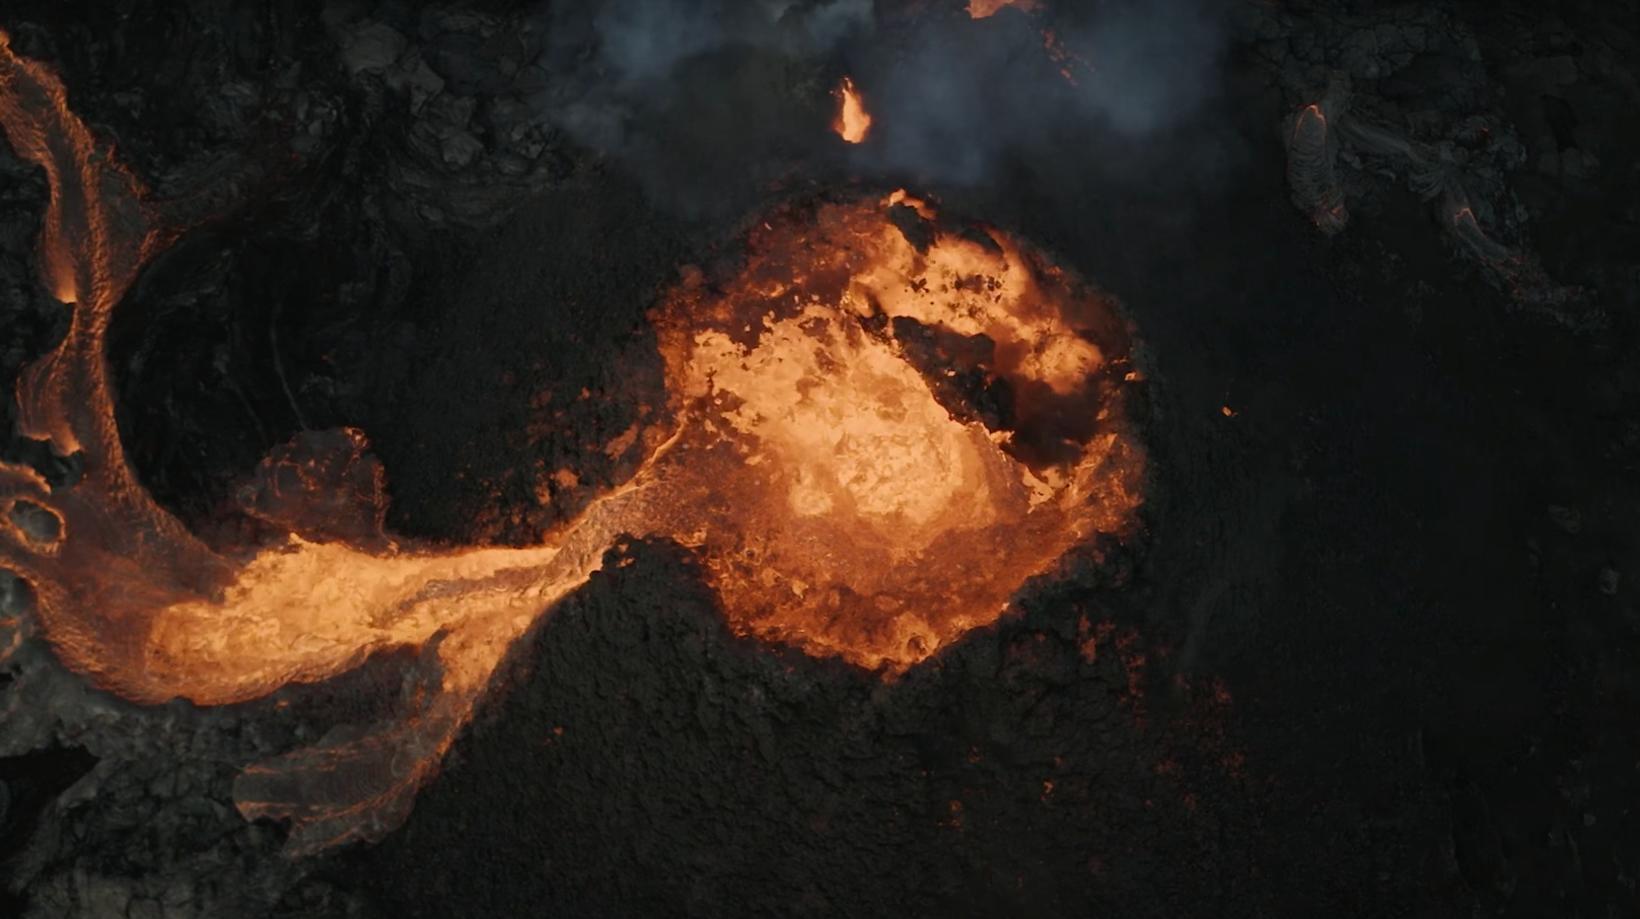 Eruzione Fagradalsfjall: un drone cattura il crollo di parte del cratere. Il video